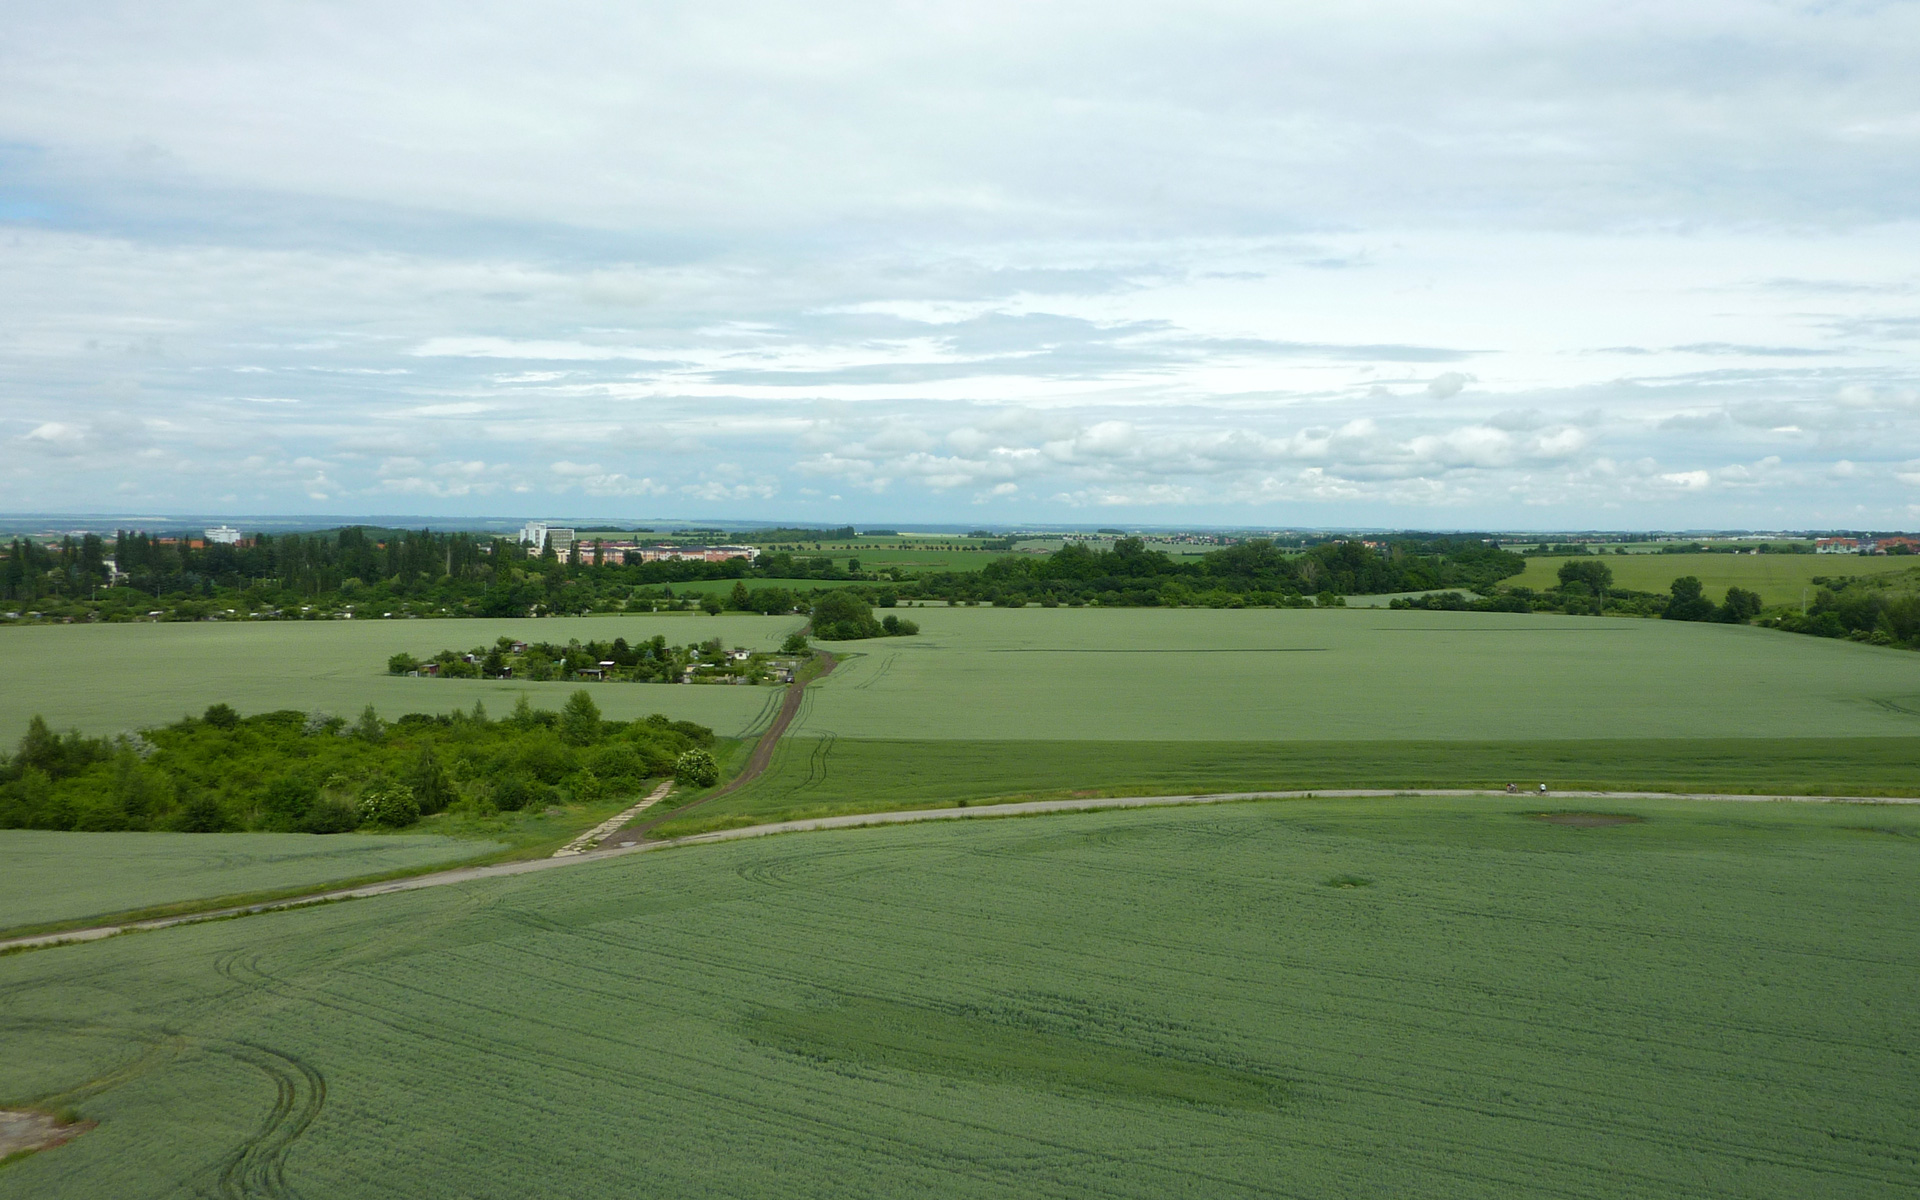 Pohled na pozemek z paneláku CG (2012)